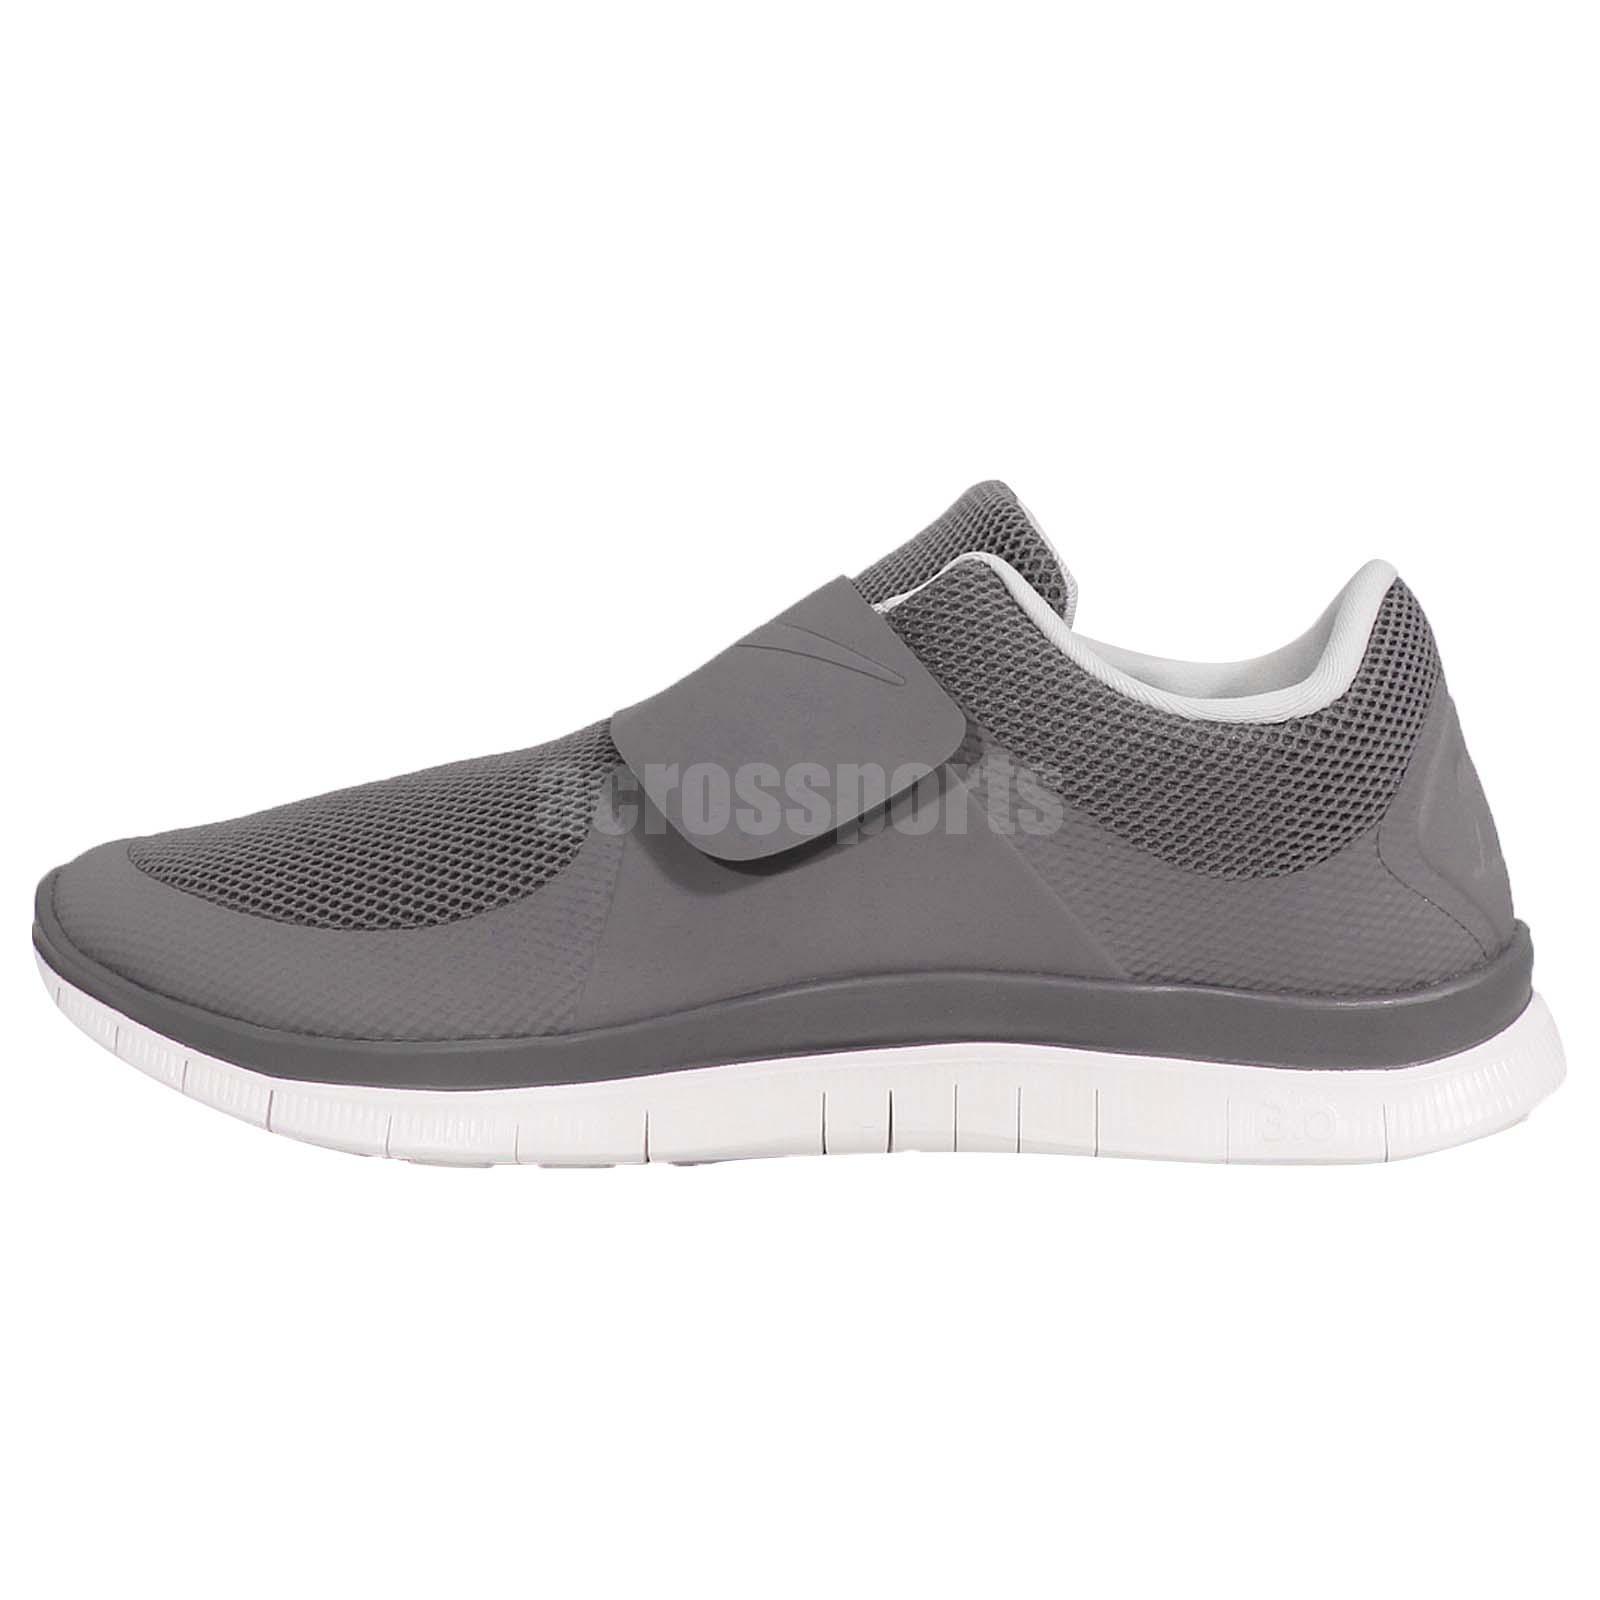 nike free socfly velcro 2015 running shoes slip on